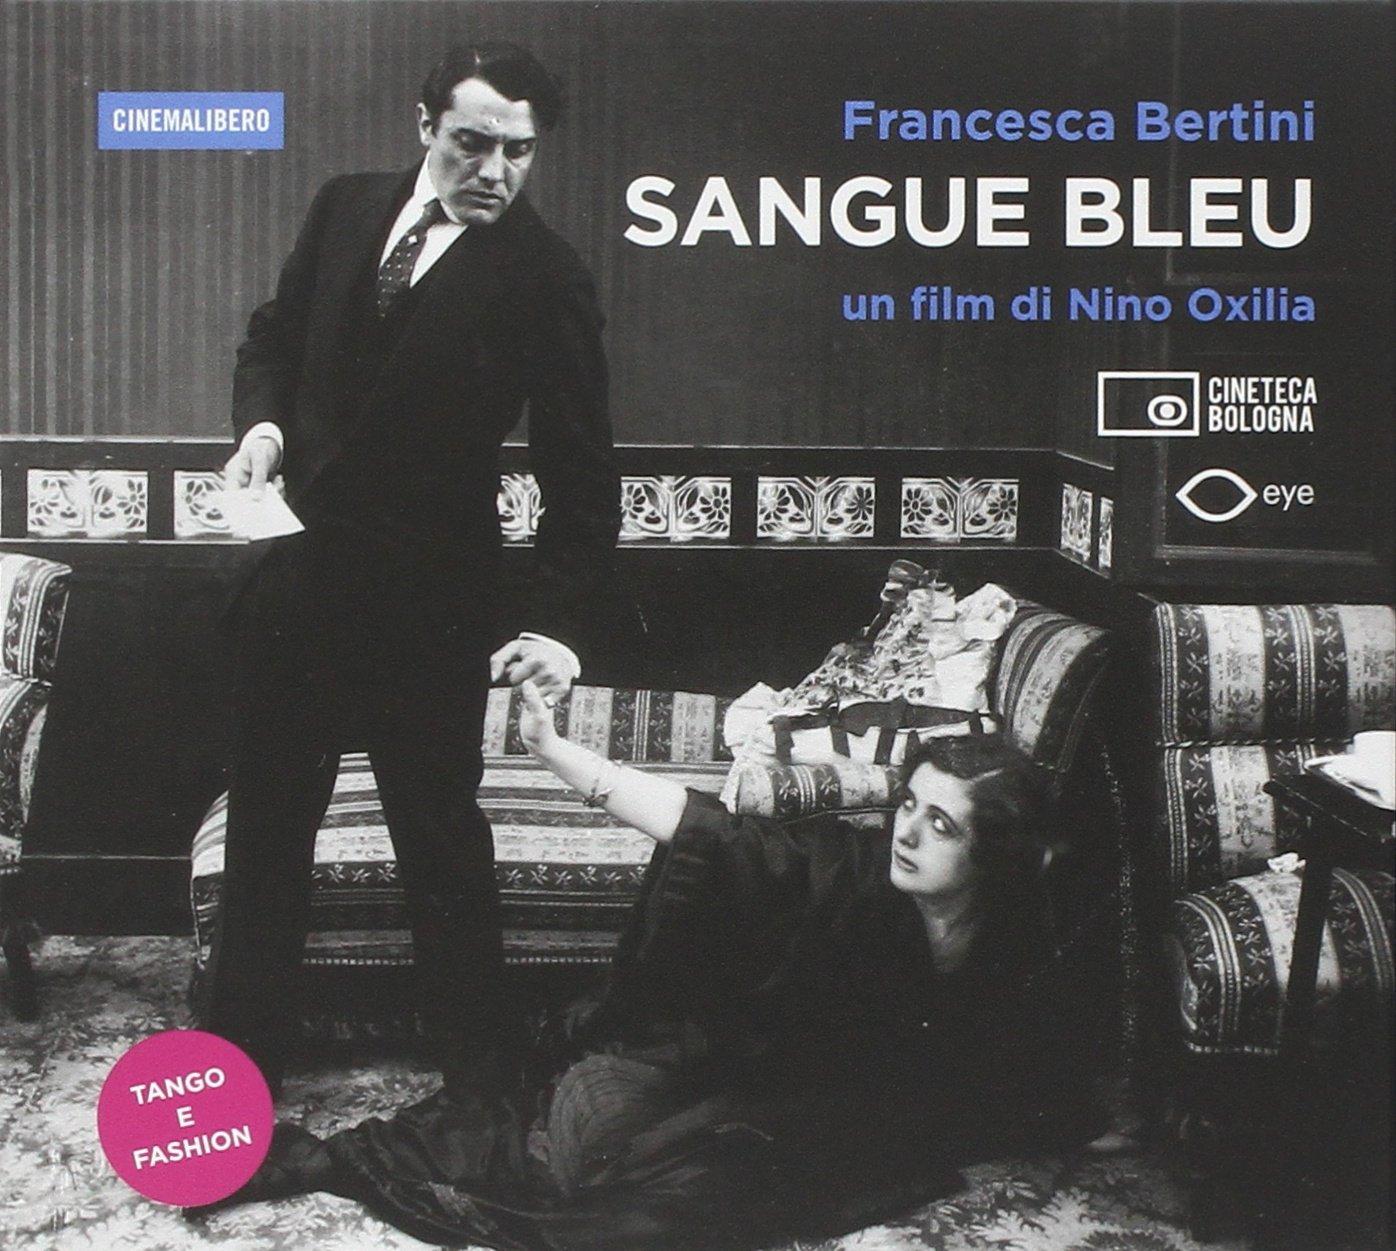 Dvd Sangue Bleu (Dvd+Booklet) NUOVO SIGILLATO, EDIZIONE DEL 12/06/2014 DISPO ENTRO UN MESE, SU ORDINAZIONE